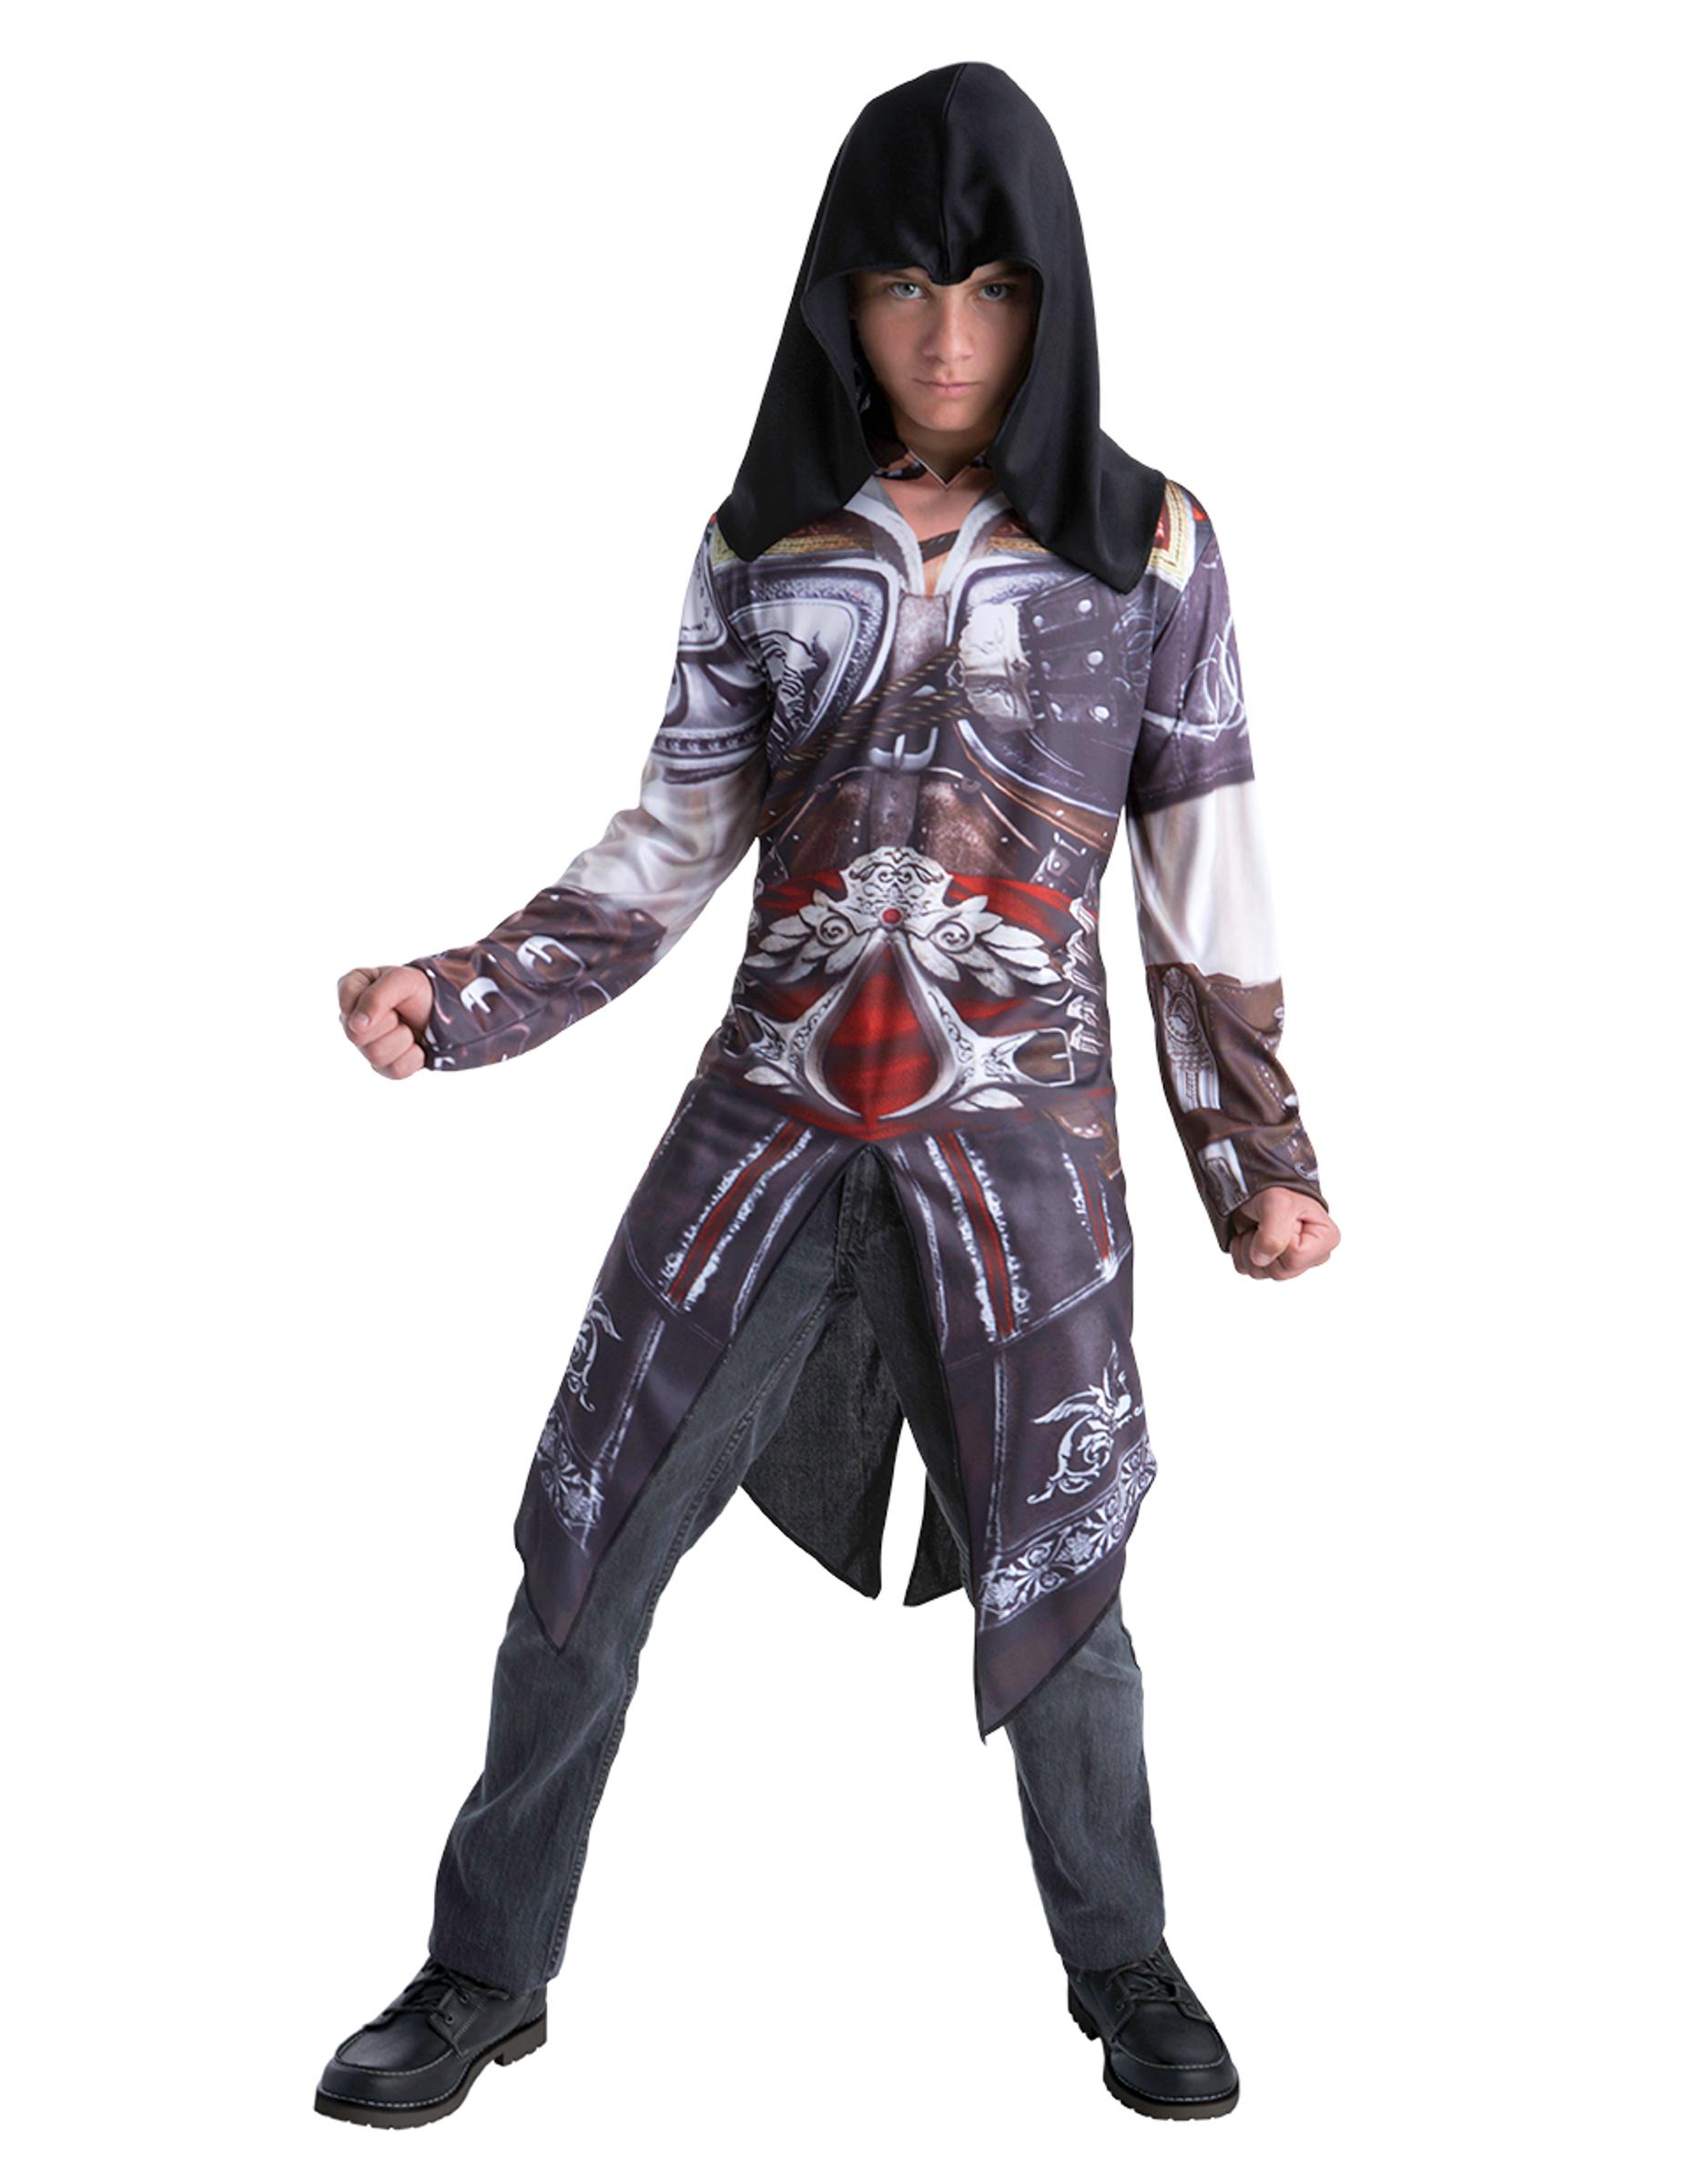 Costume sublimazione Ezio - Assassin's Creed™ adolescente ...